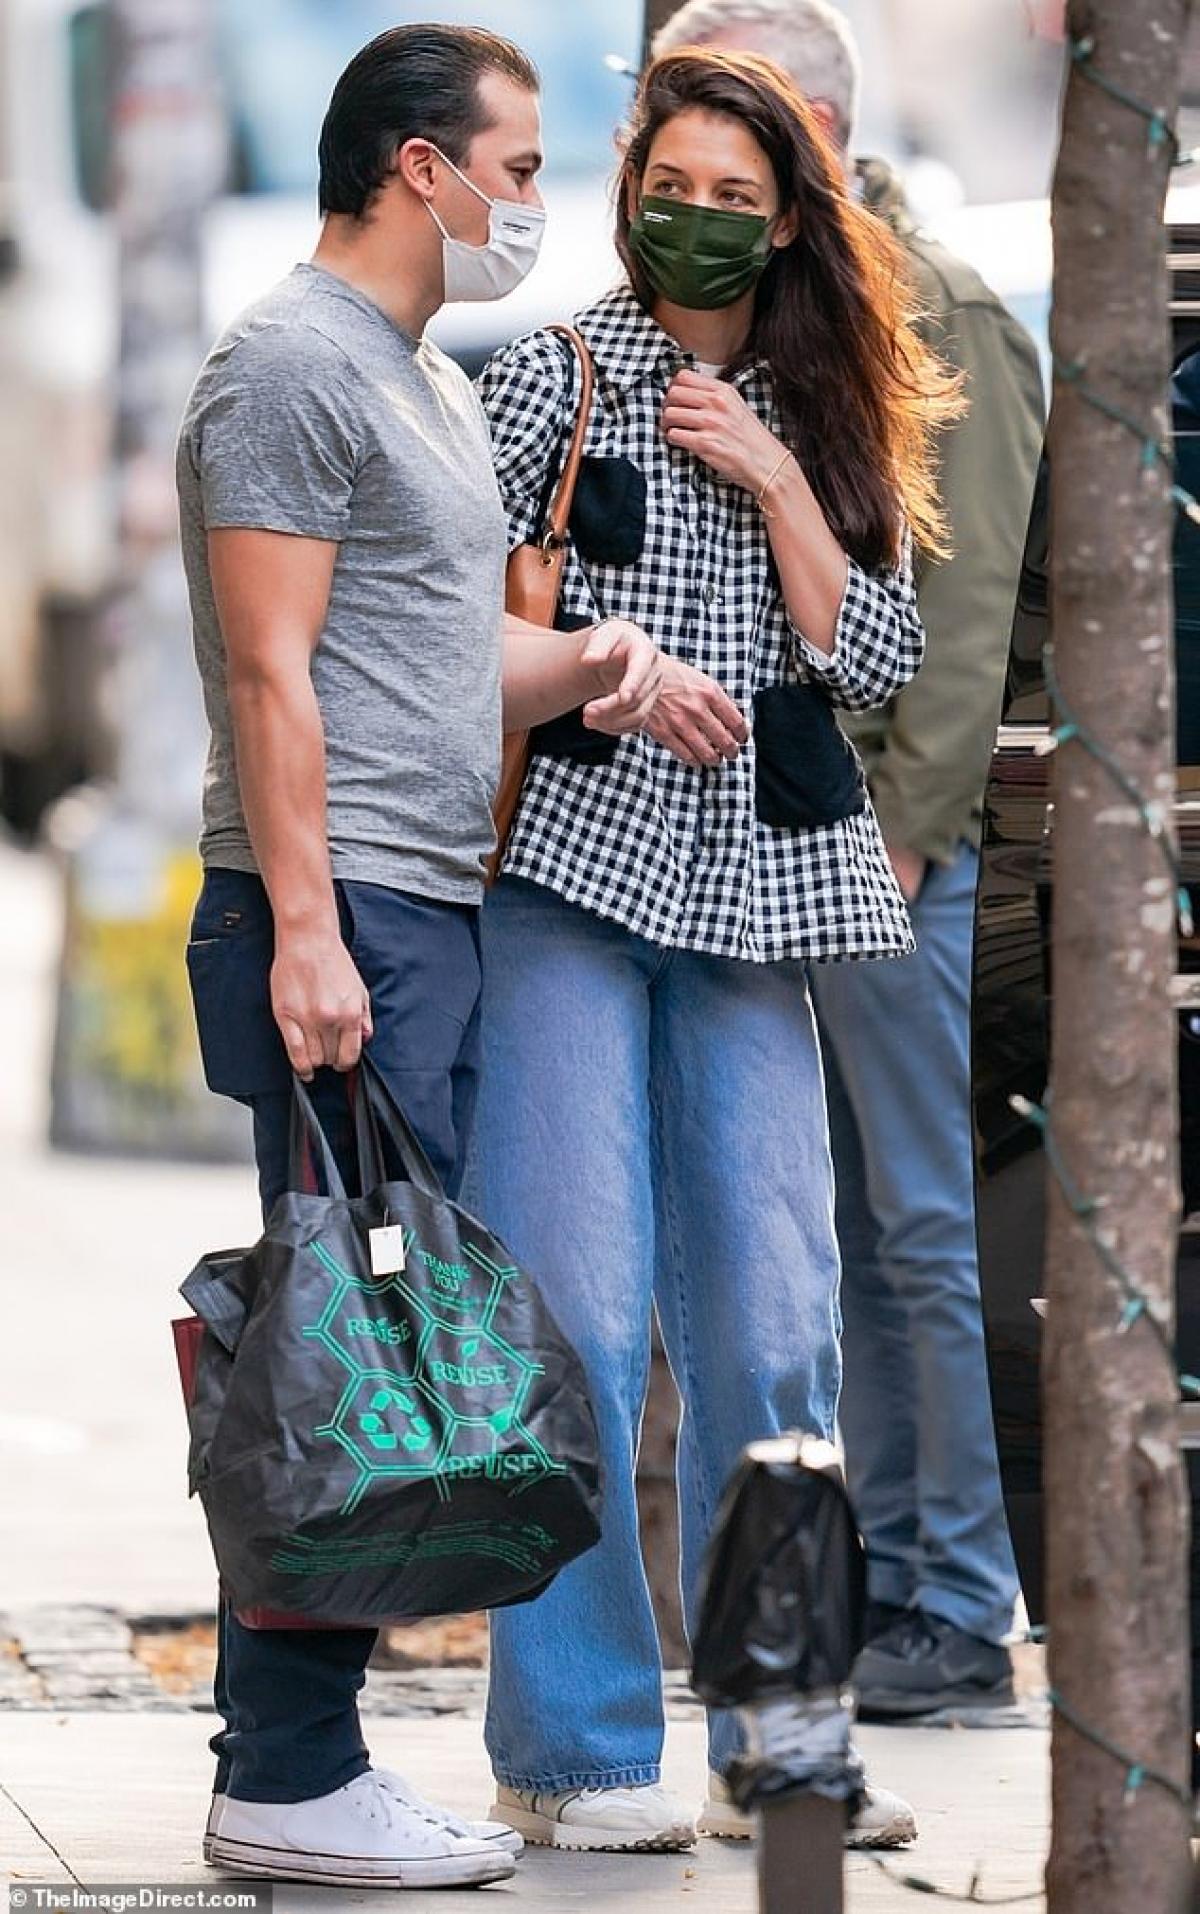 Nữ diễn viên 41 tuổi diện áo sơ mi kẻ caro và quần jeans trẻ trung. Trong khi đó, người yêu cô lại mặc đồ khỏe khoắn.